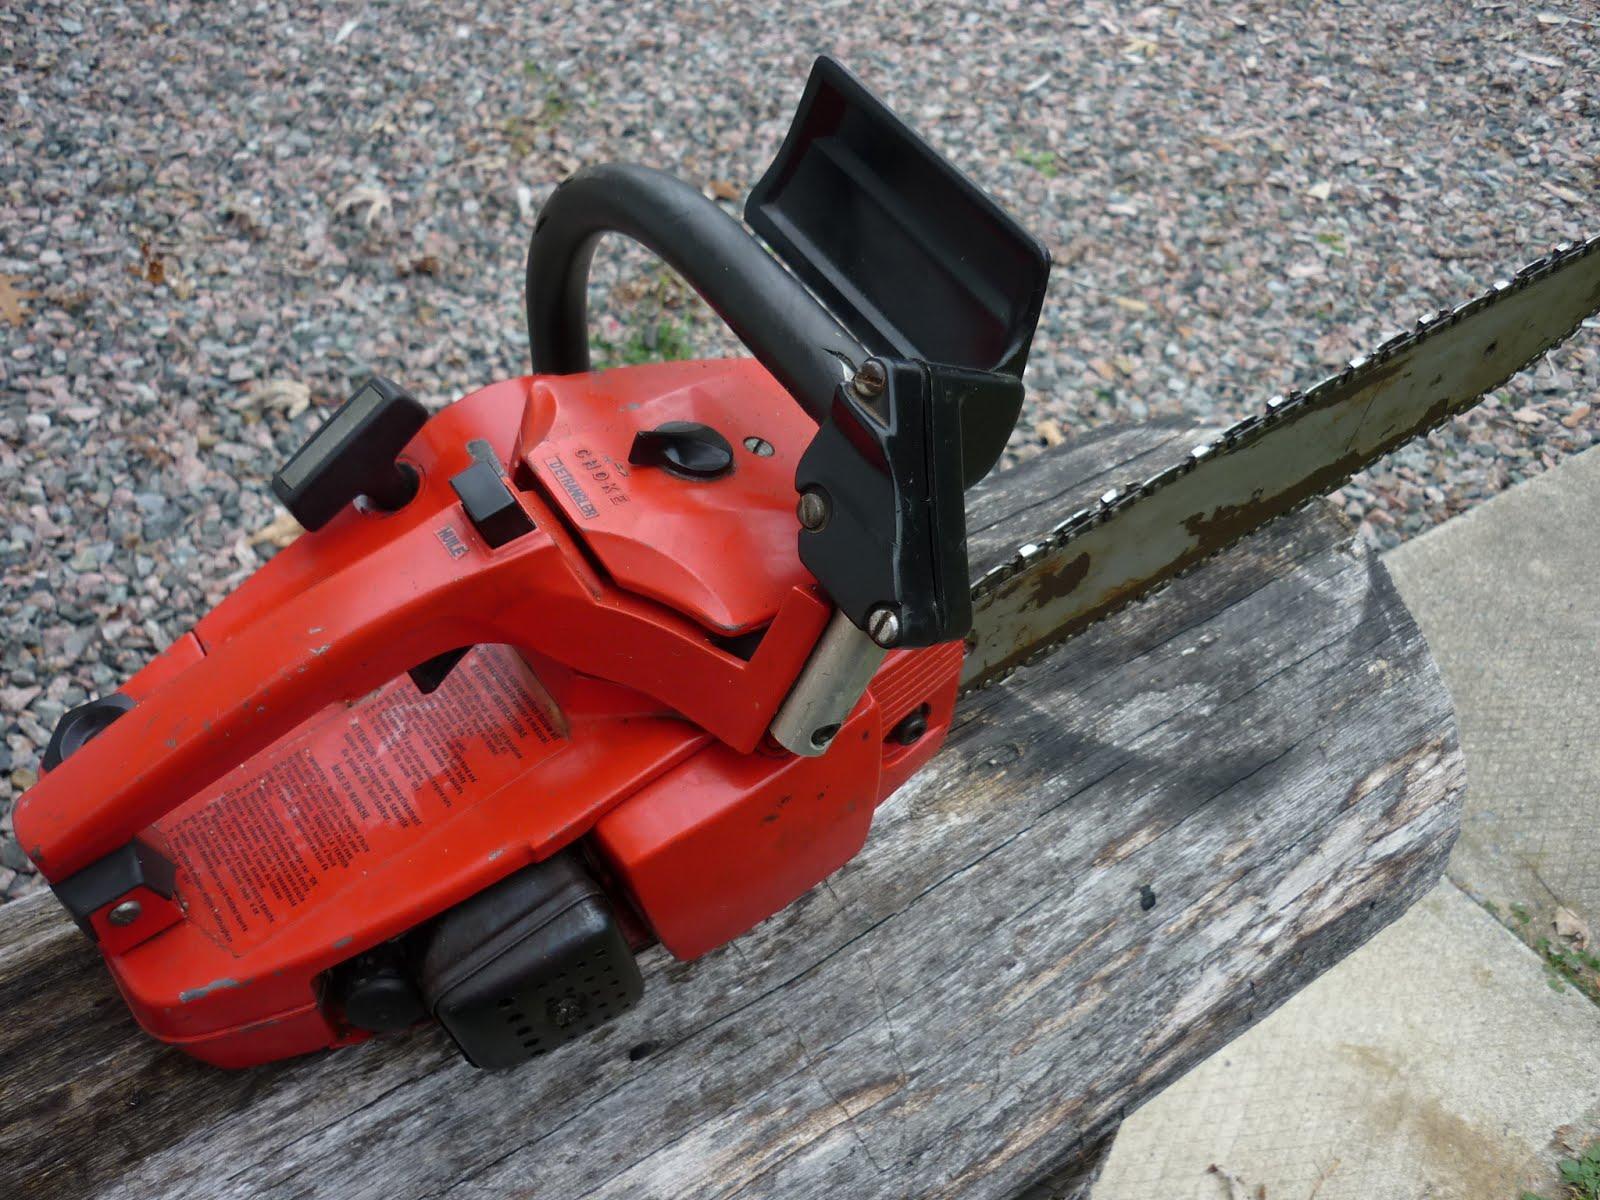 Who makes sears chainsaws unique medicine cabinets